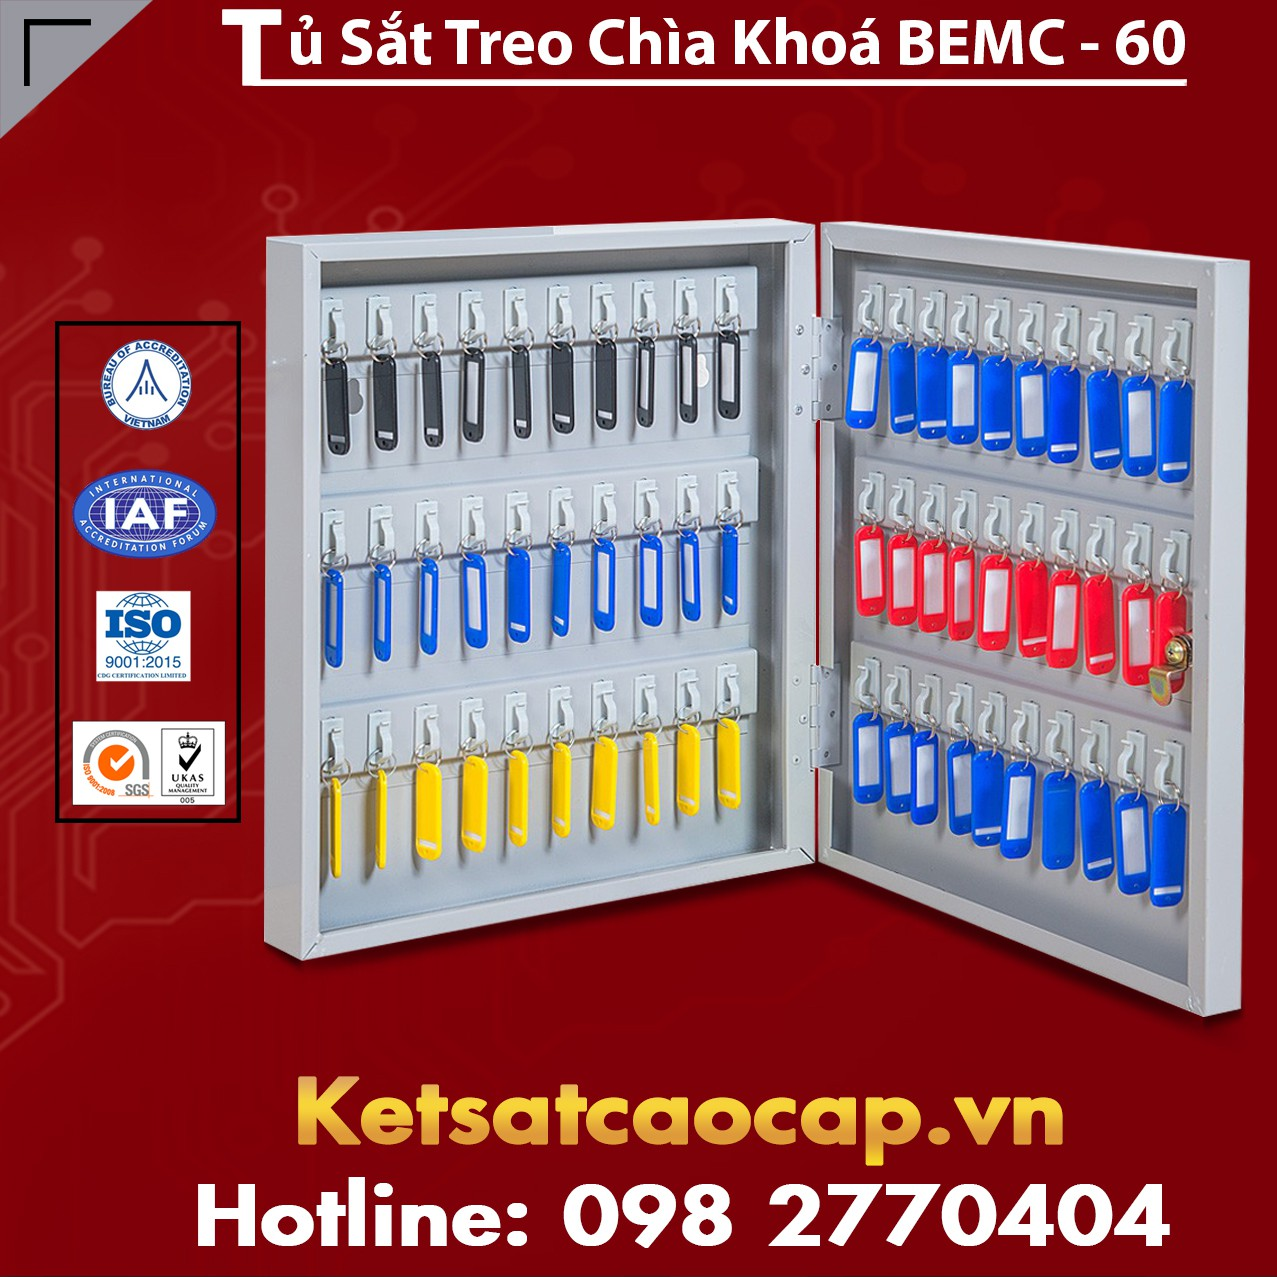 Tủ Treo Chìa Khoá BEMC-60